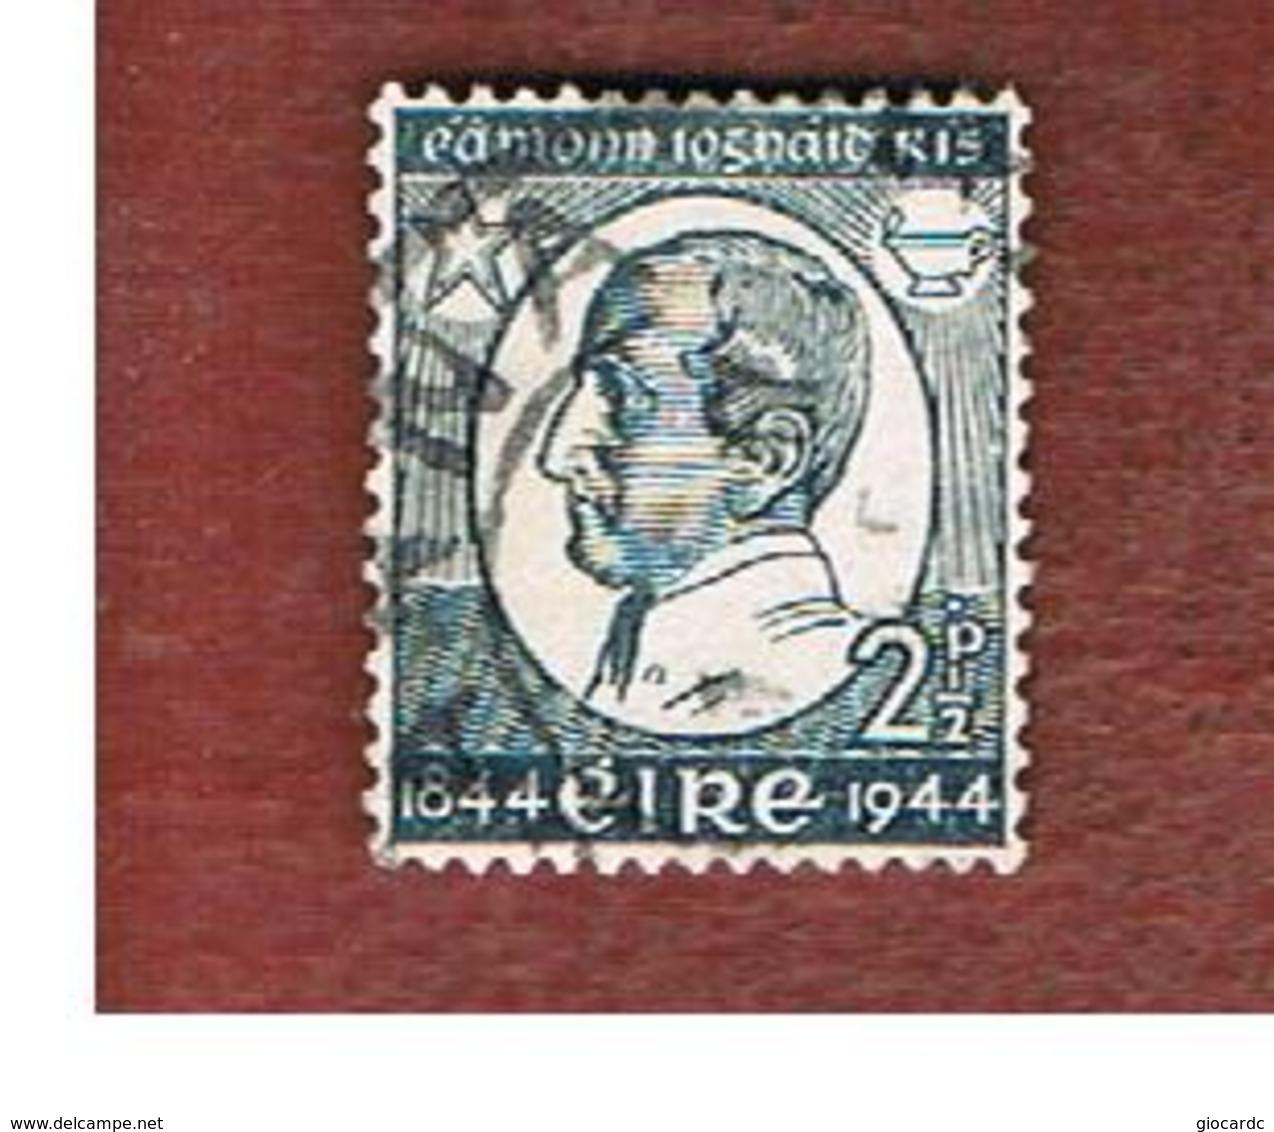 IRLANDA (IRELAND) -  SG 135 -  1944  E.I. RICE  - USED - Usati